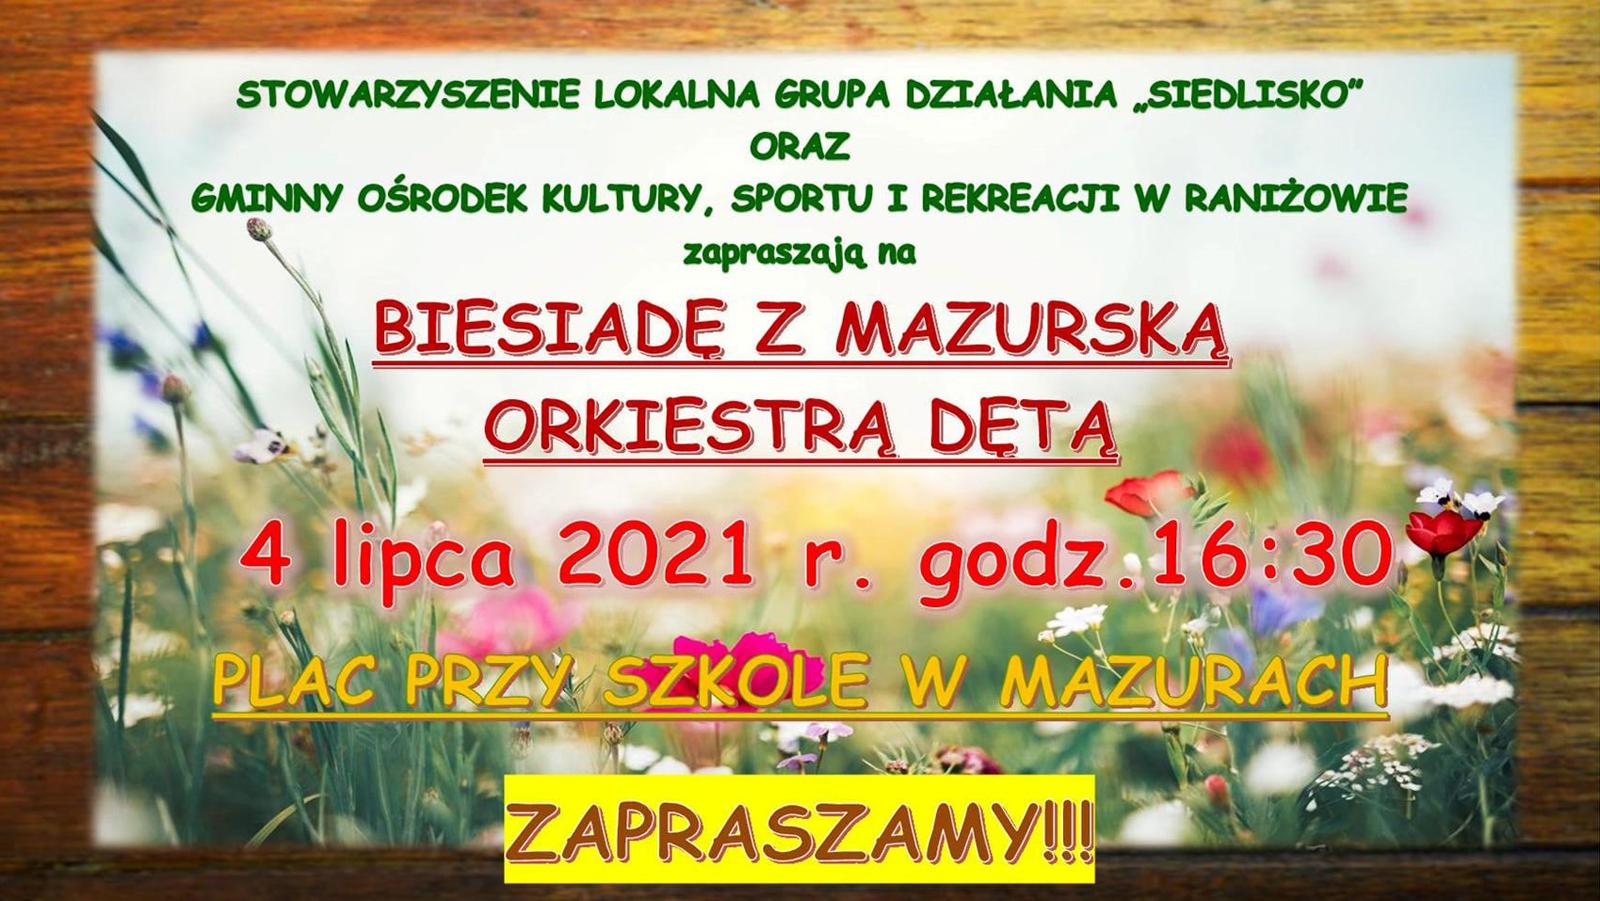 4 lipca: Biesiada z Mazurską Orkiestrą Dętą - Mazury 2021 - Zdjęcie główne